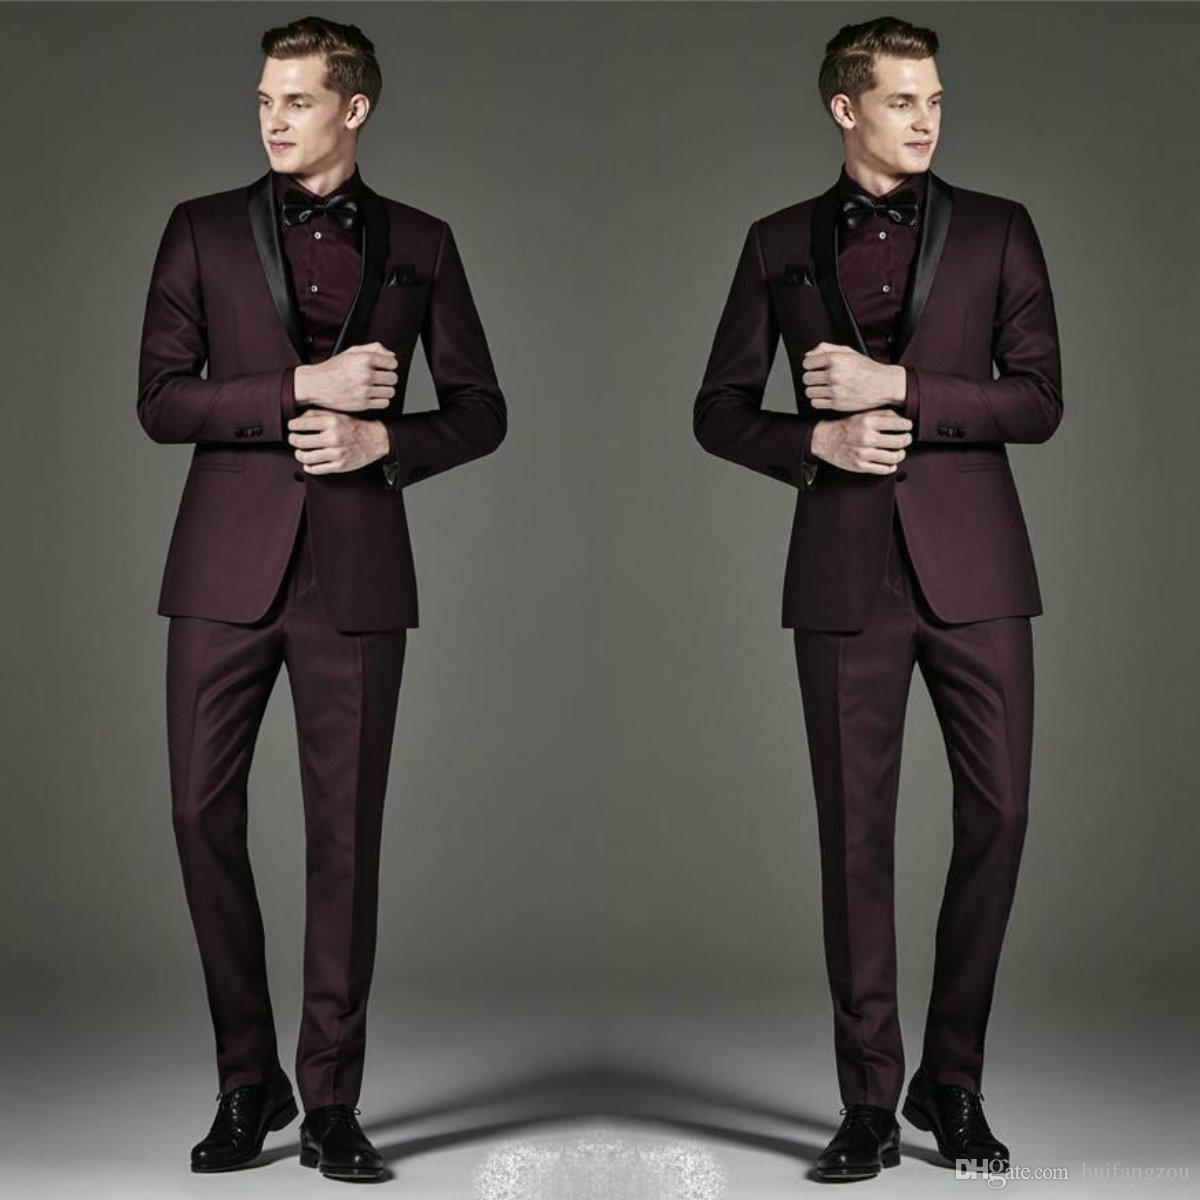 2019 Burgundy Mens Designer Suits Black Peaked Lapel Two Pieces Groom Tuxedos Mens Slim Fit Suits Jacket Pants Men Suits Online Mens Suit Sale From Huifangzou 75 61 Dhgate Com,Huawei Mate 30 Rs Porsche Design Prix